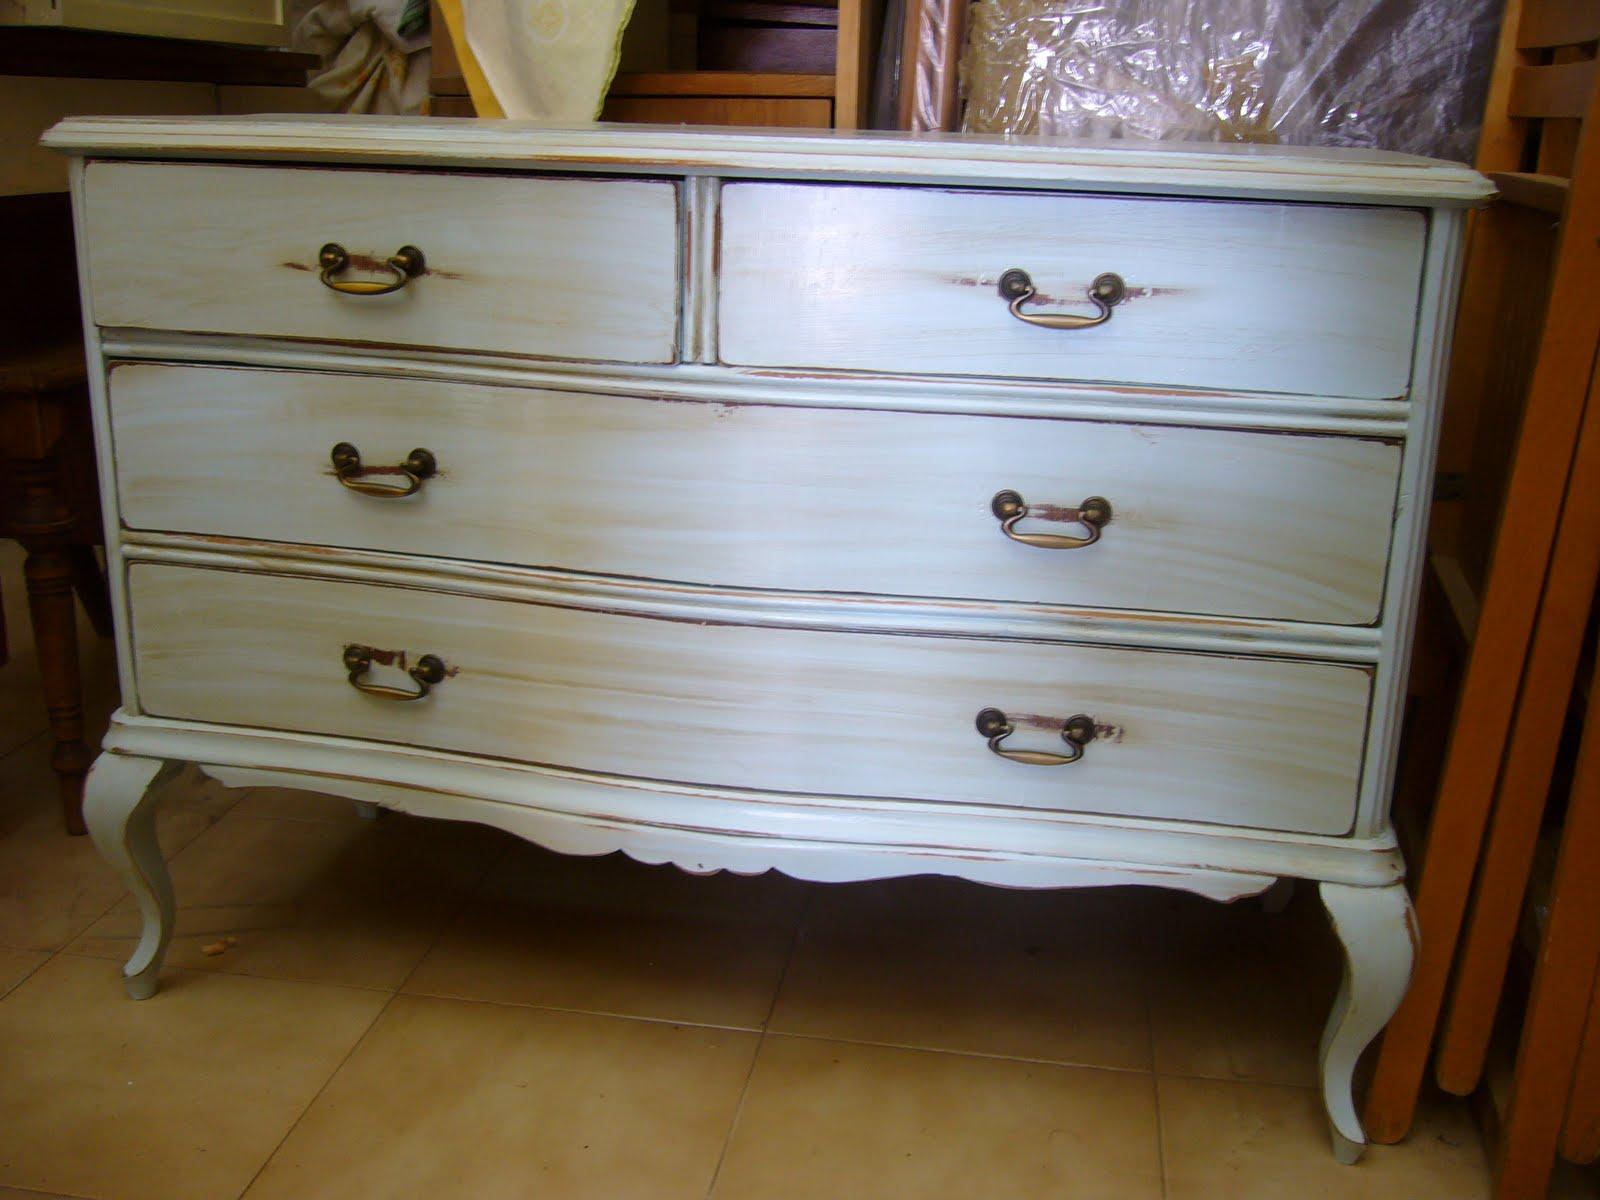 La restauradora muebles patinados algunos trabajos realizados en las clases - Muebles antiguos lacados en blanco ...